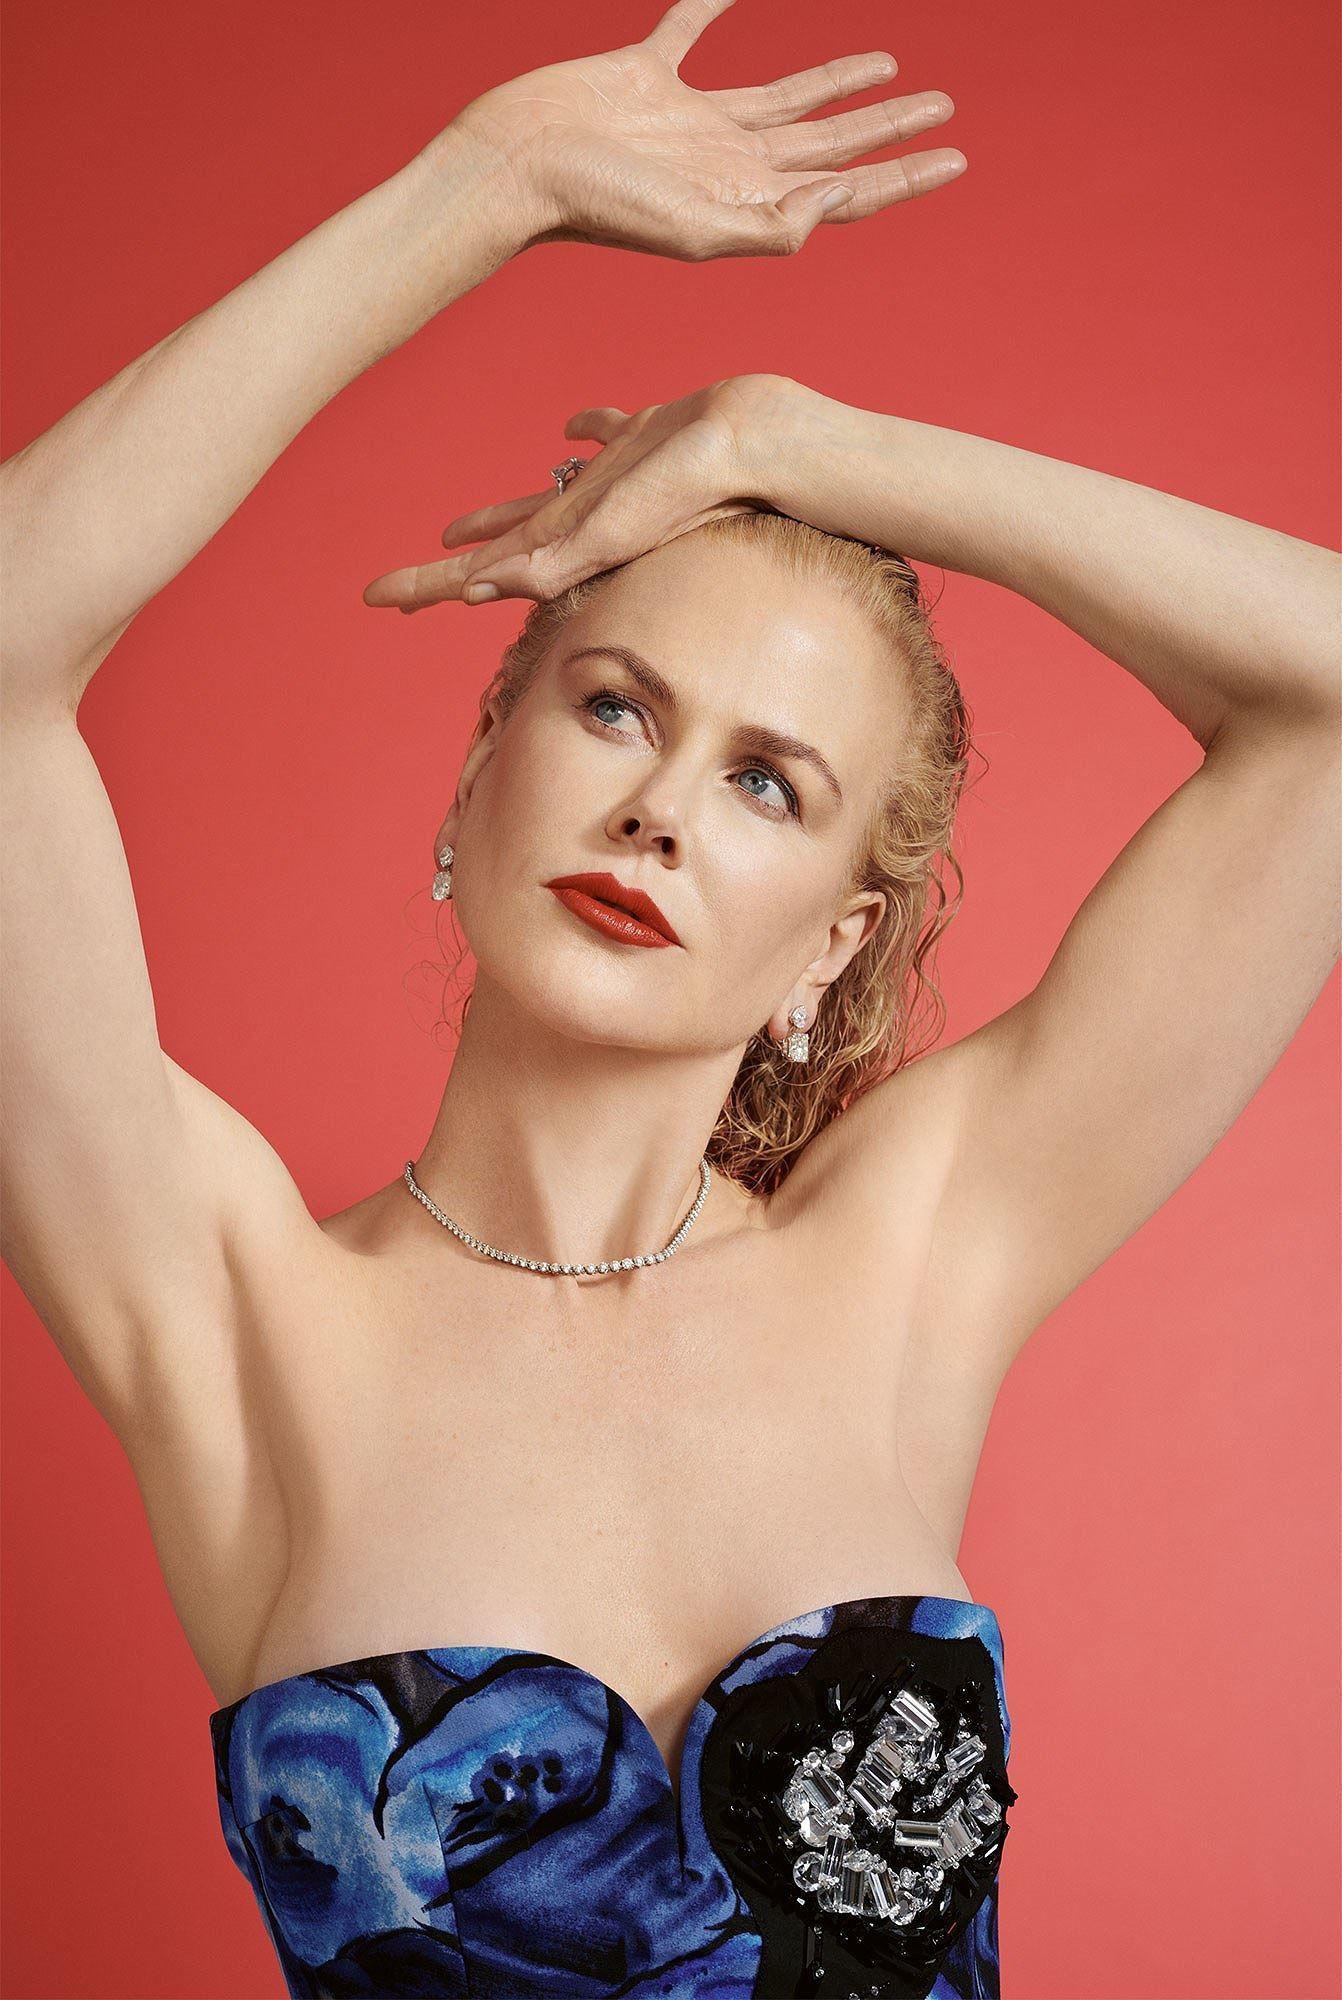 Ngỡ ngàng ngắm Nicole Kidman tóc tém, không nội y quá nóng bỏng Ảnh 2